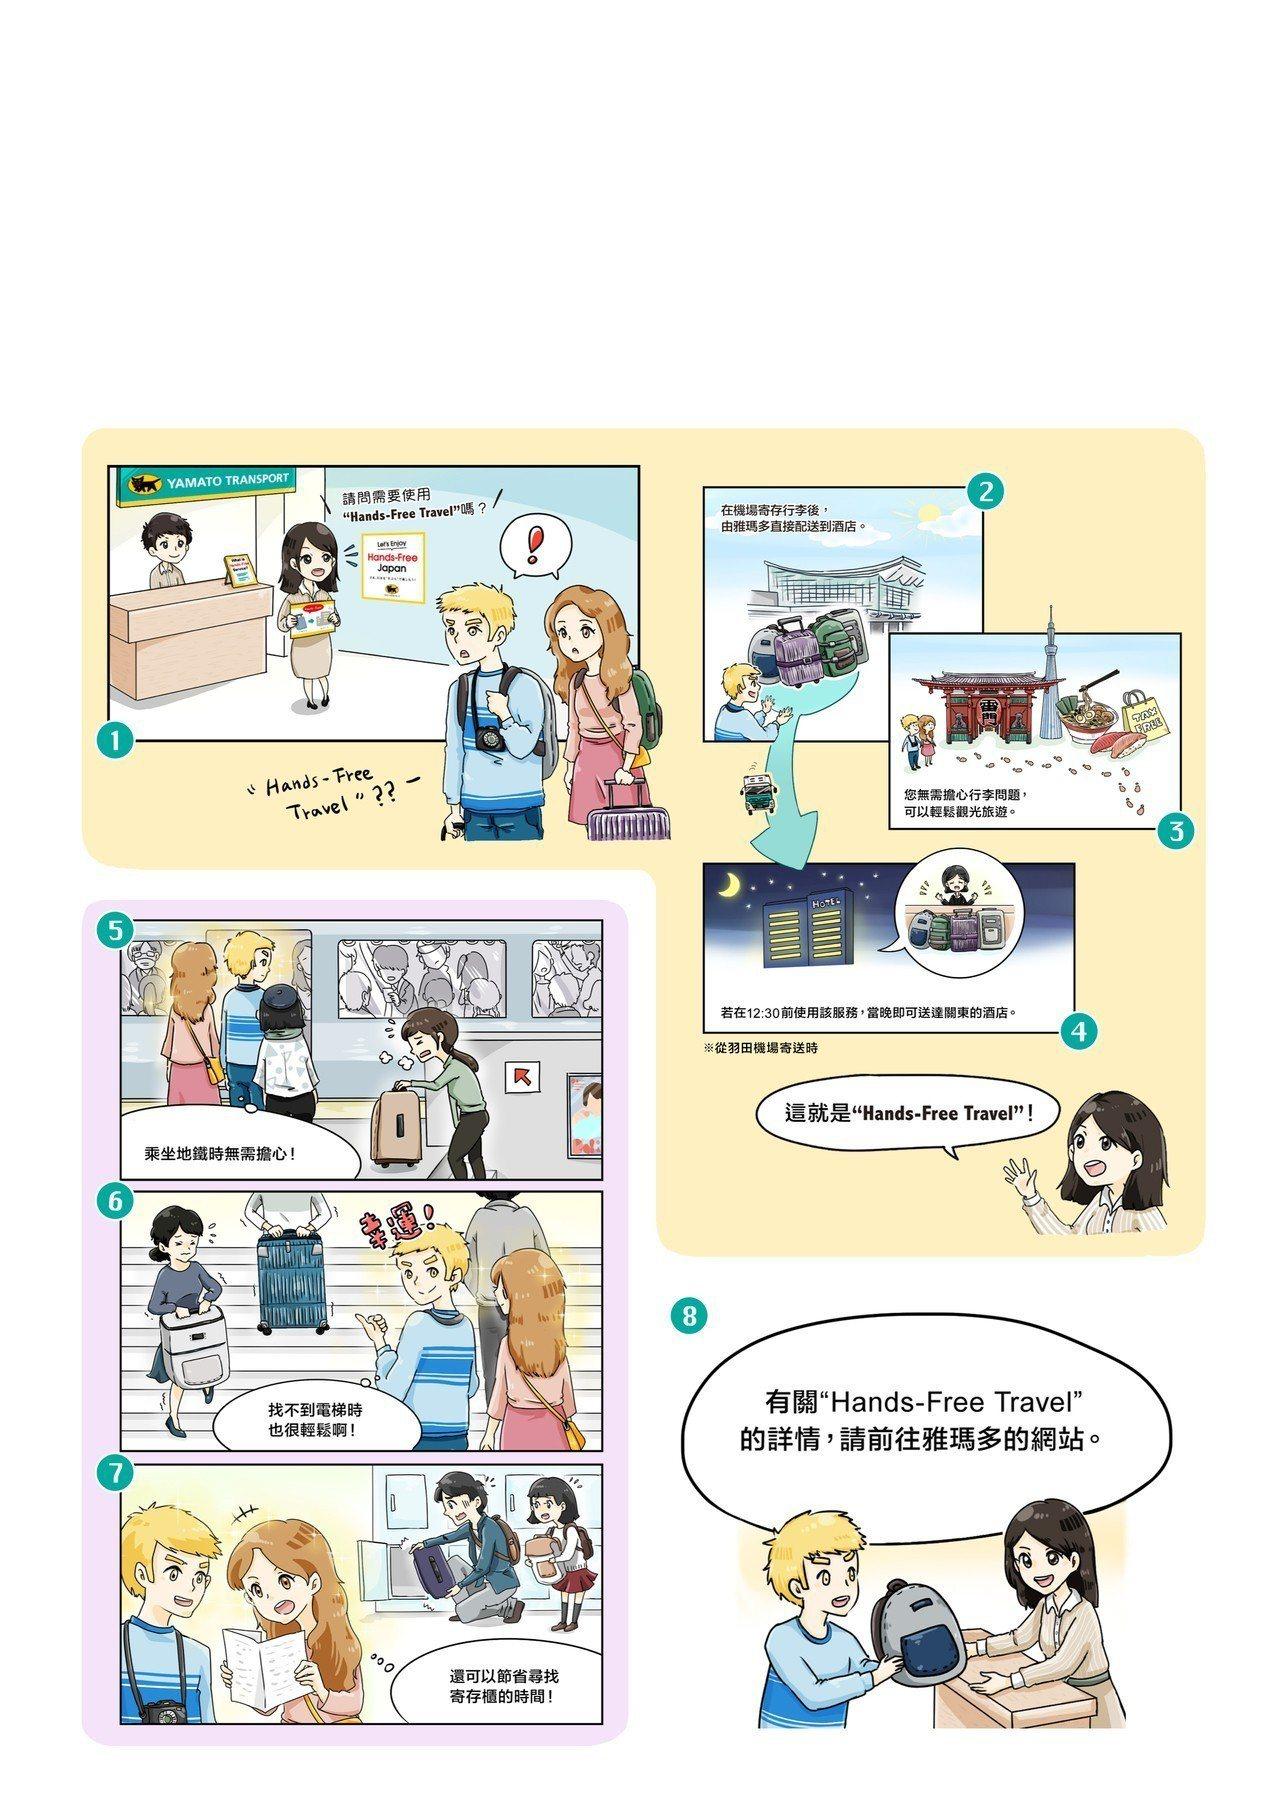 日本黑貓宅急便「Hand-Free Travel」說明漫畫。圖/日本雅瑪多運輸提...